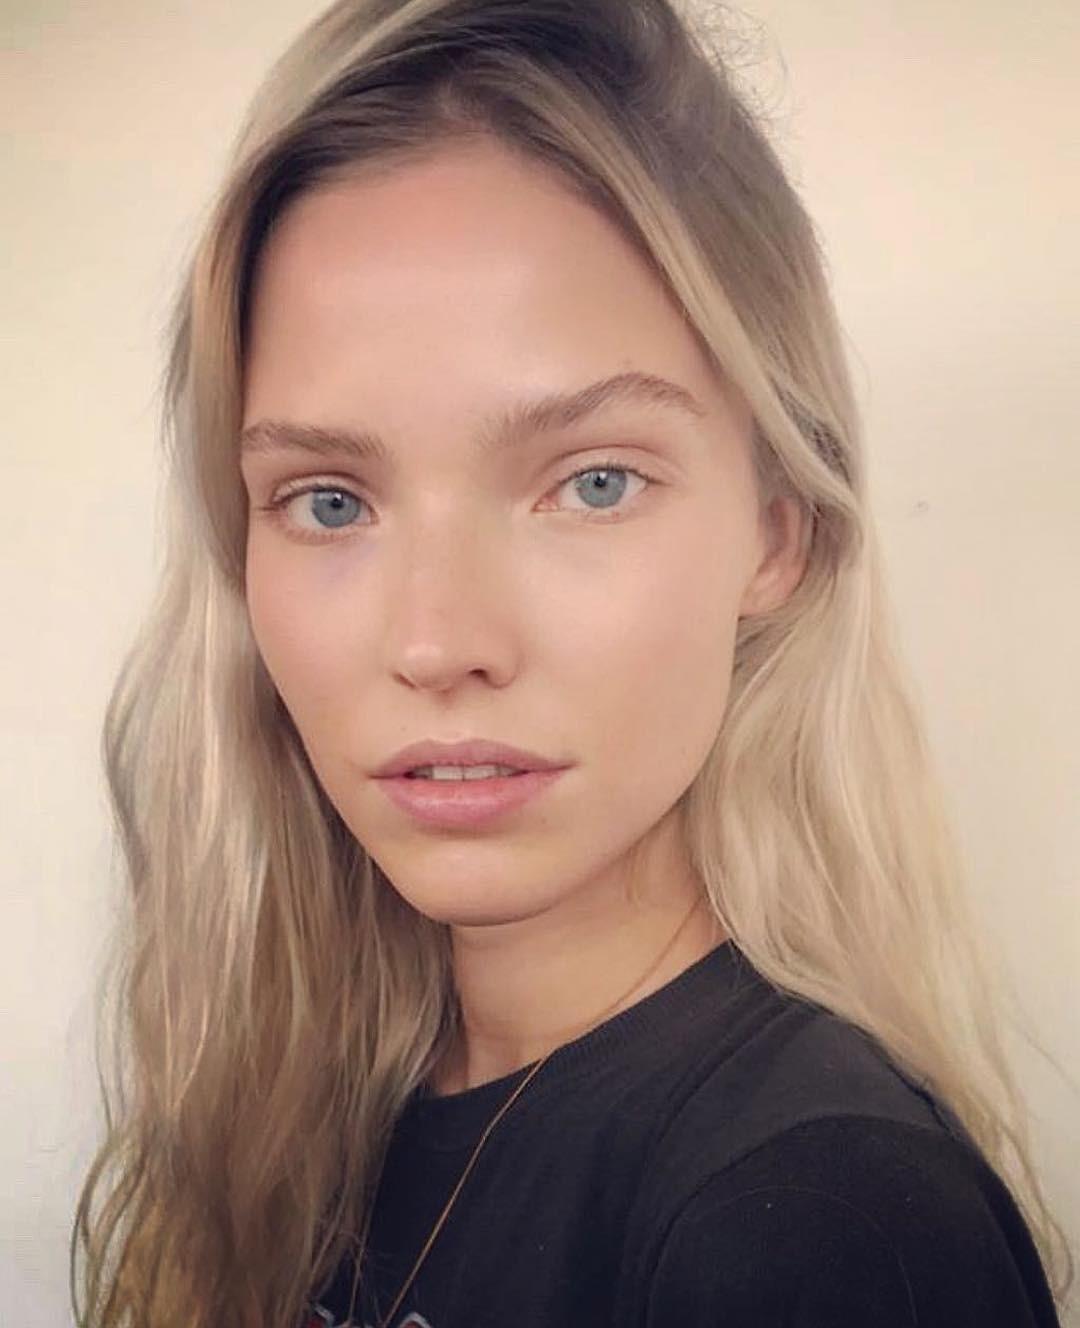 Звездой нового фильма Люка Бессона стала российская модель Саша Лусс